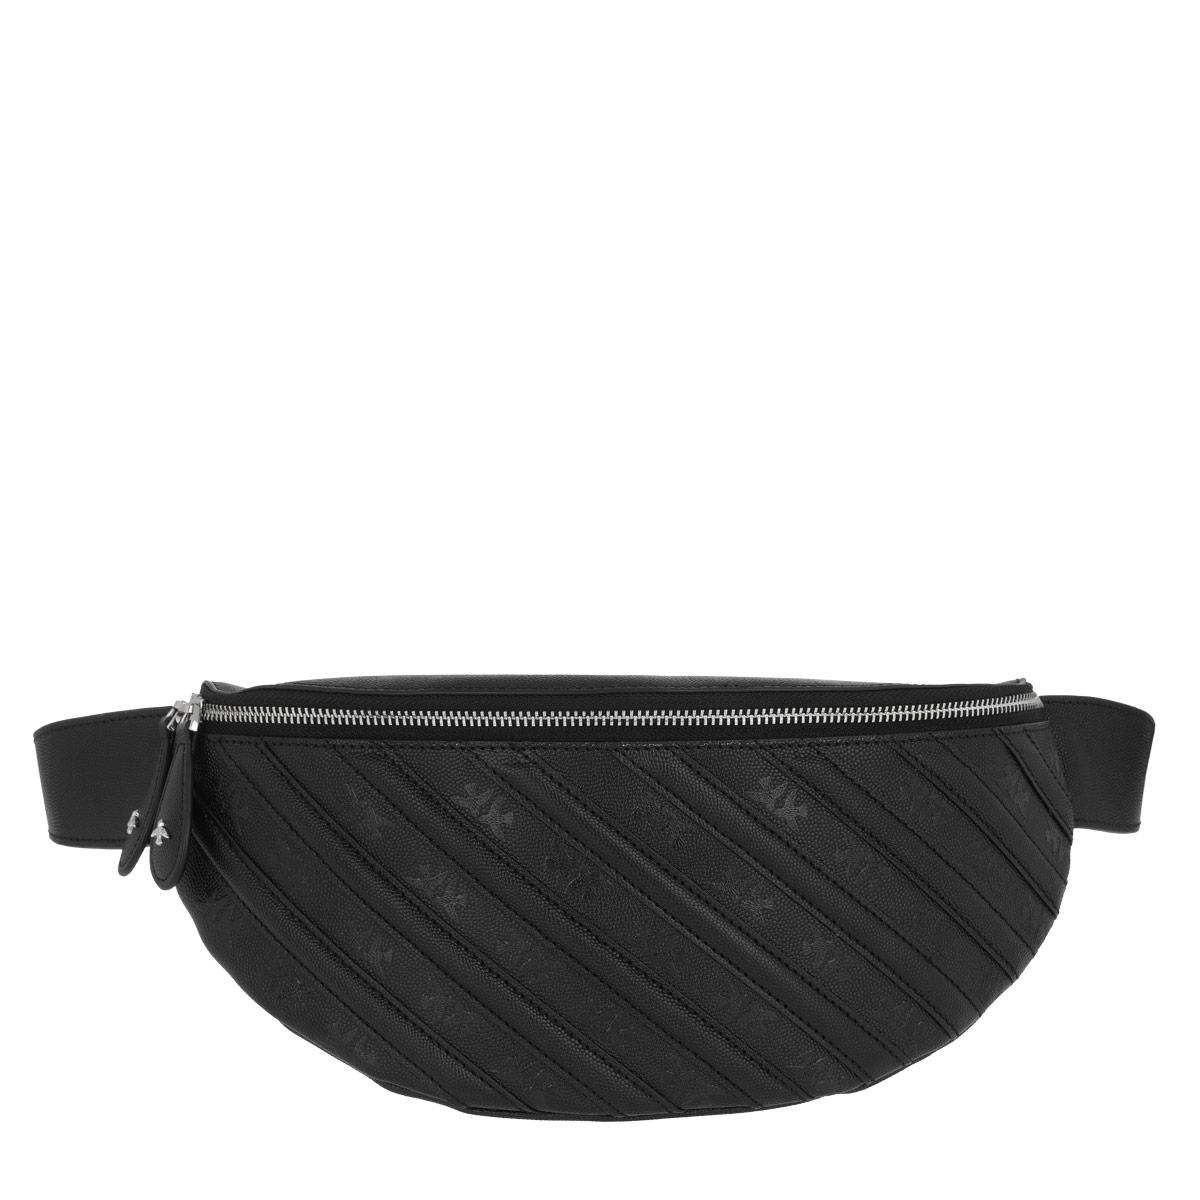 Pinko Gürteltasche - Giungla Belt Bag Nero Limousine - in schwarz - für Damen